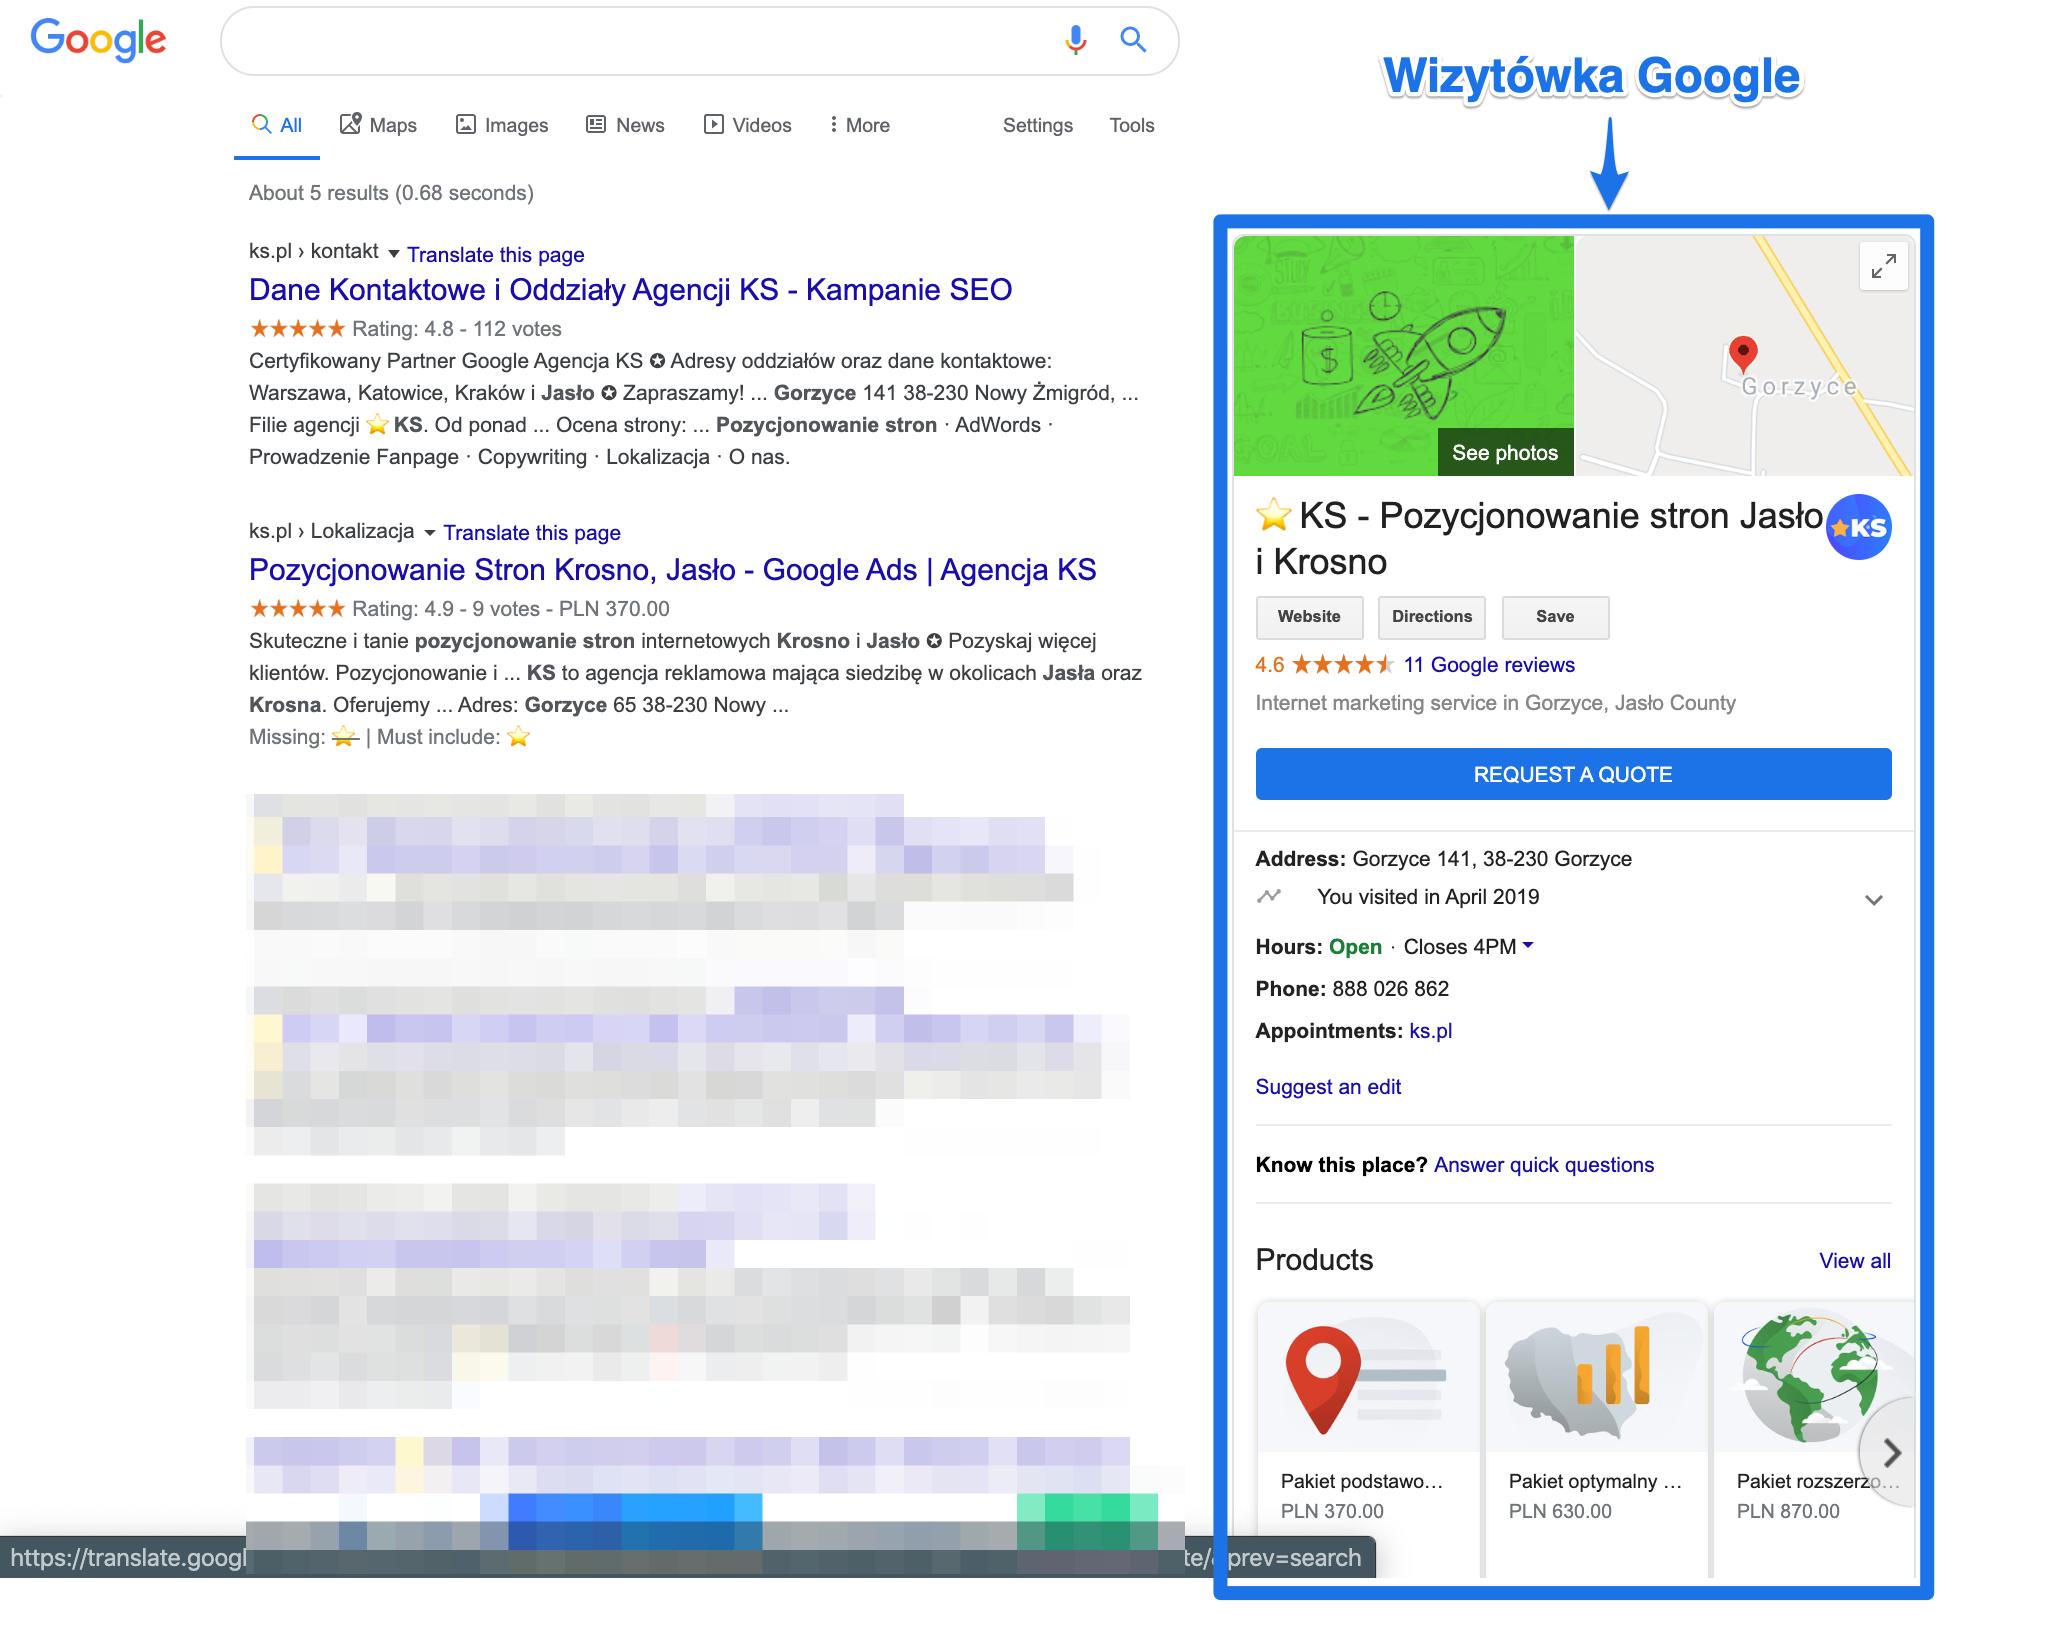 Widok wizytówki Google w przeglądarce